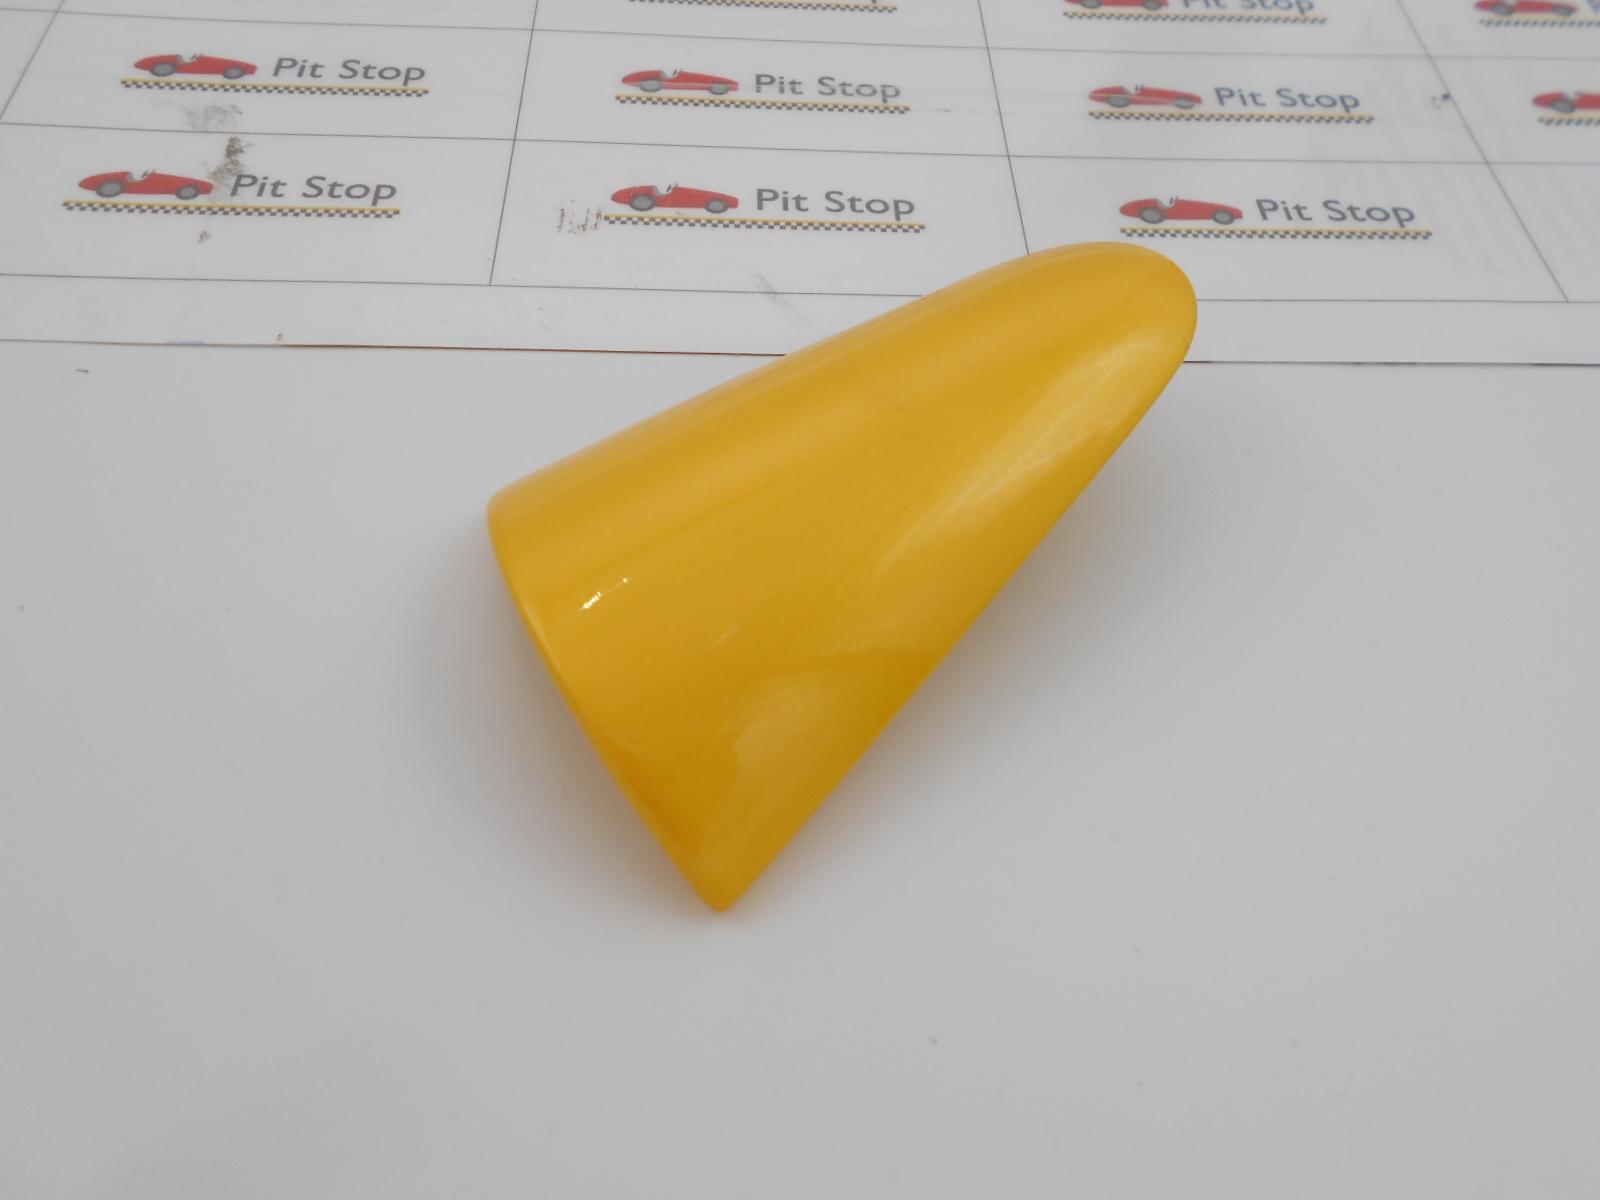 Ferrari maniglia portiera 458 Italia giallo tristrato